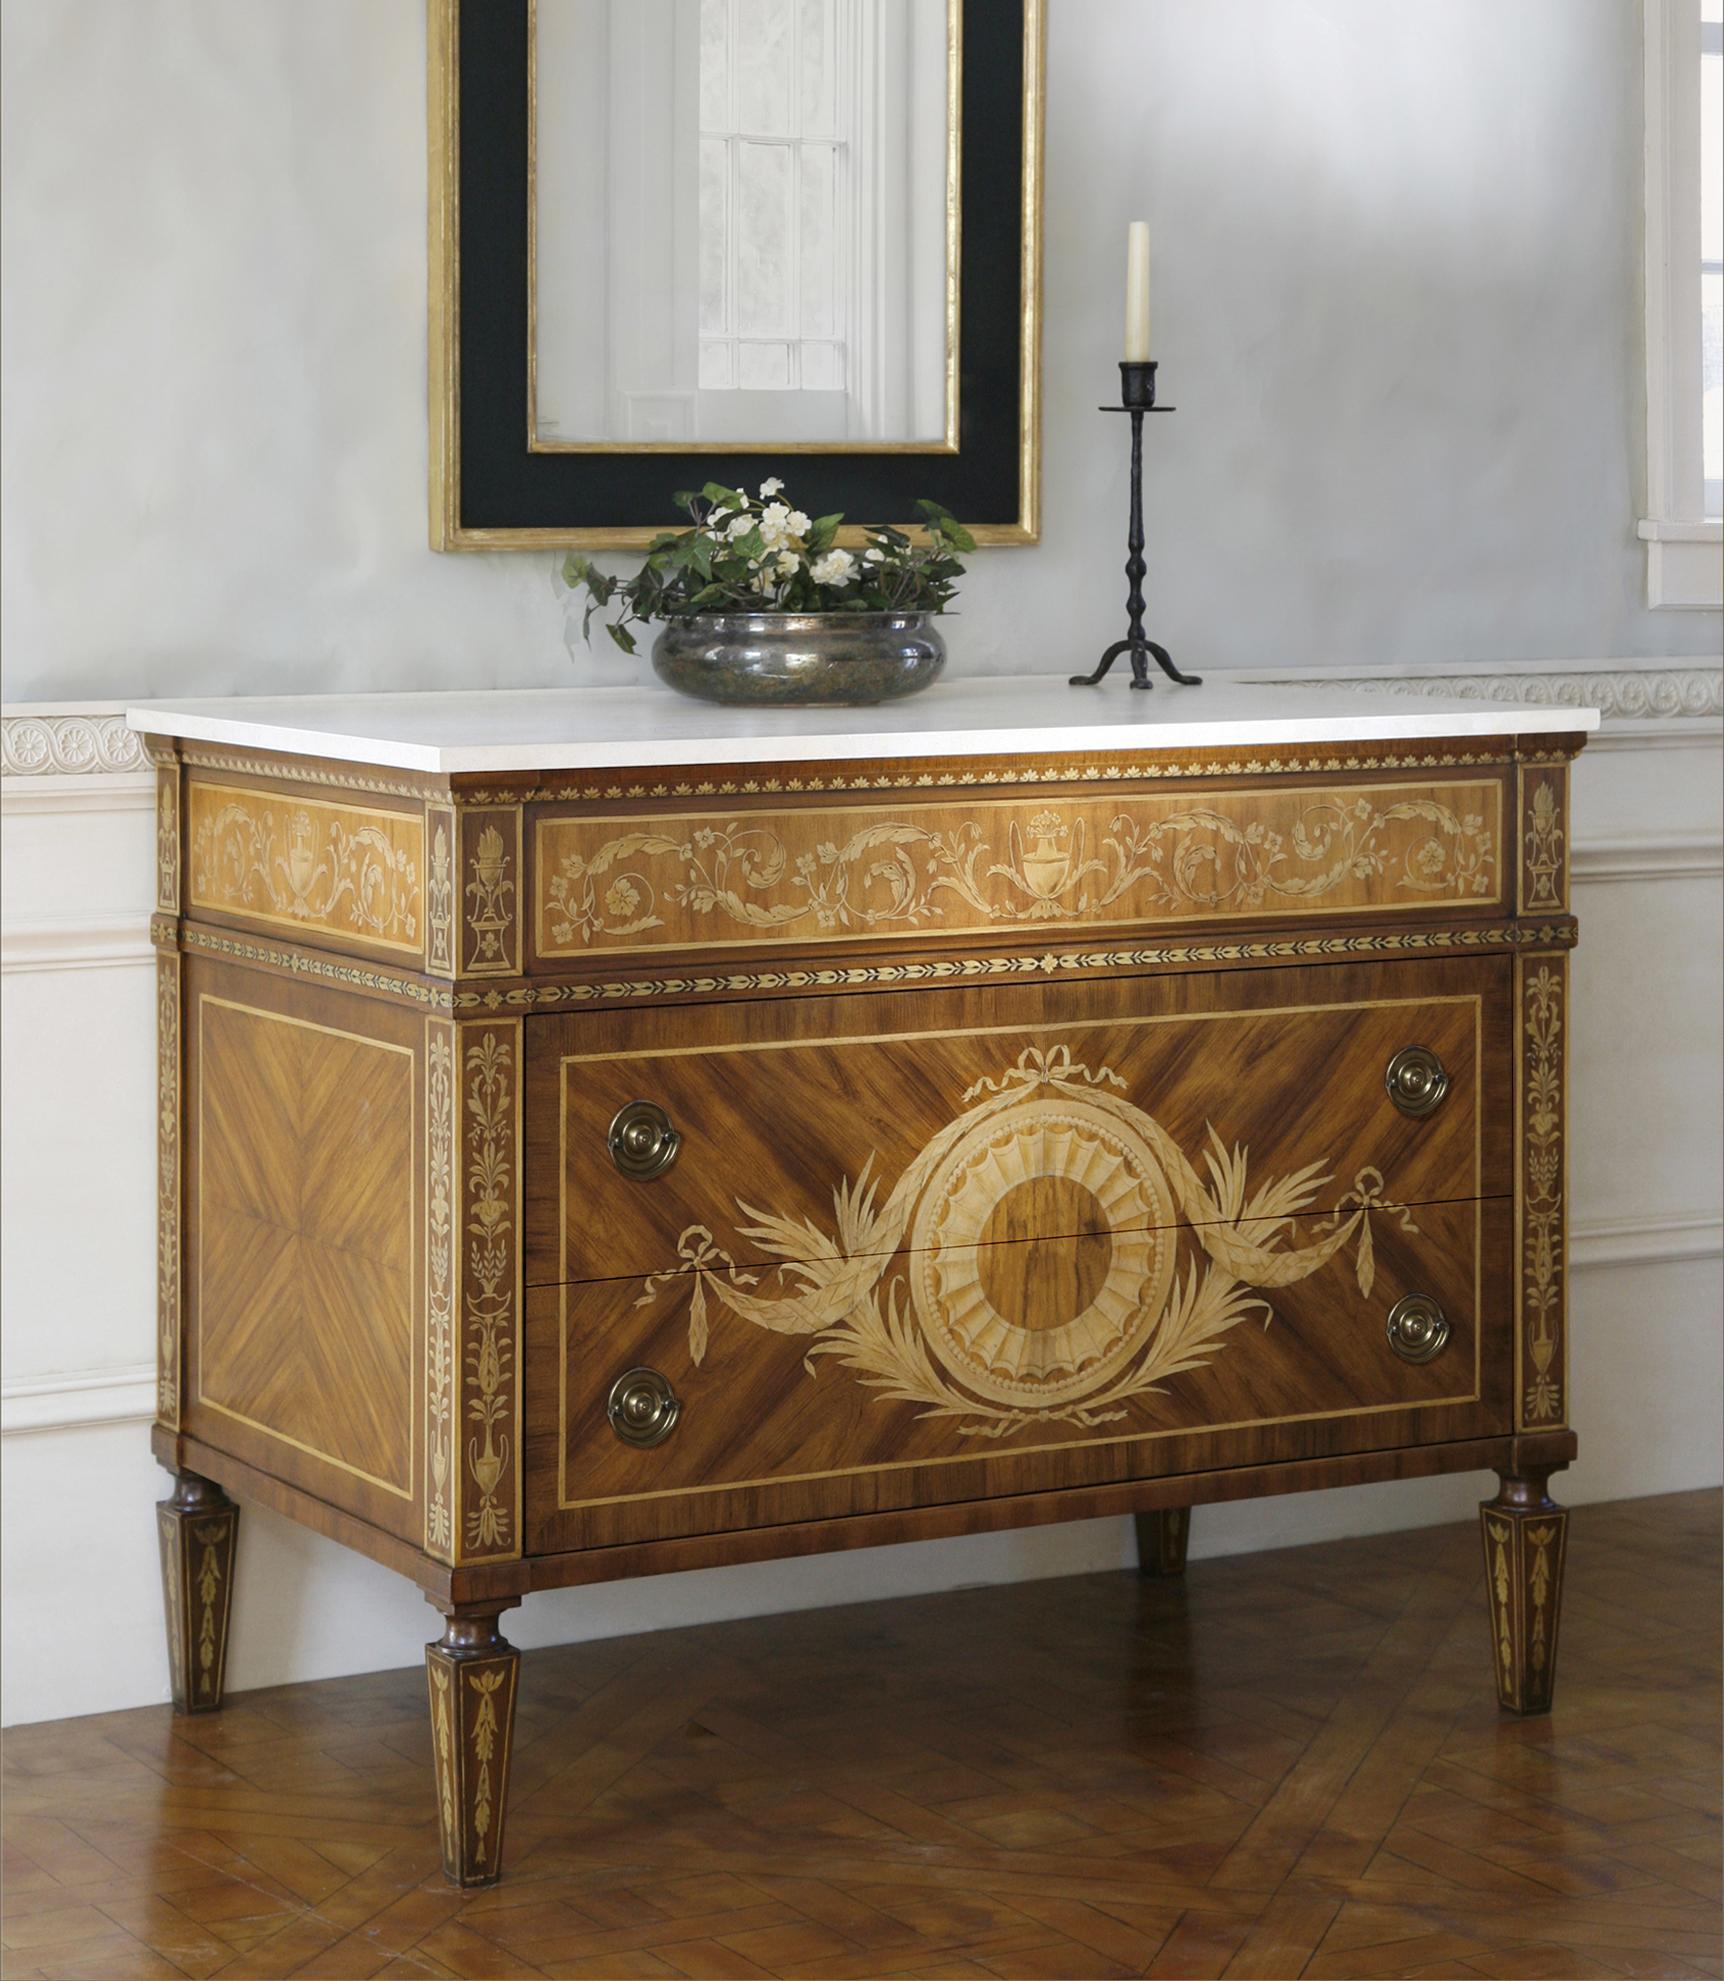 kevin cross kevin cross studio. Black Bedroom Furniture Sets. Home Design Ideas